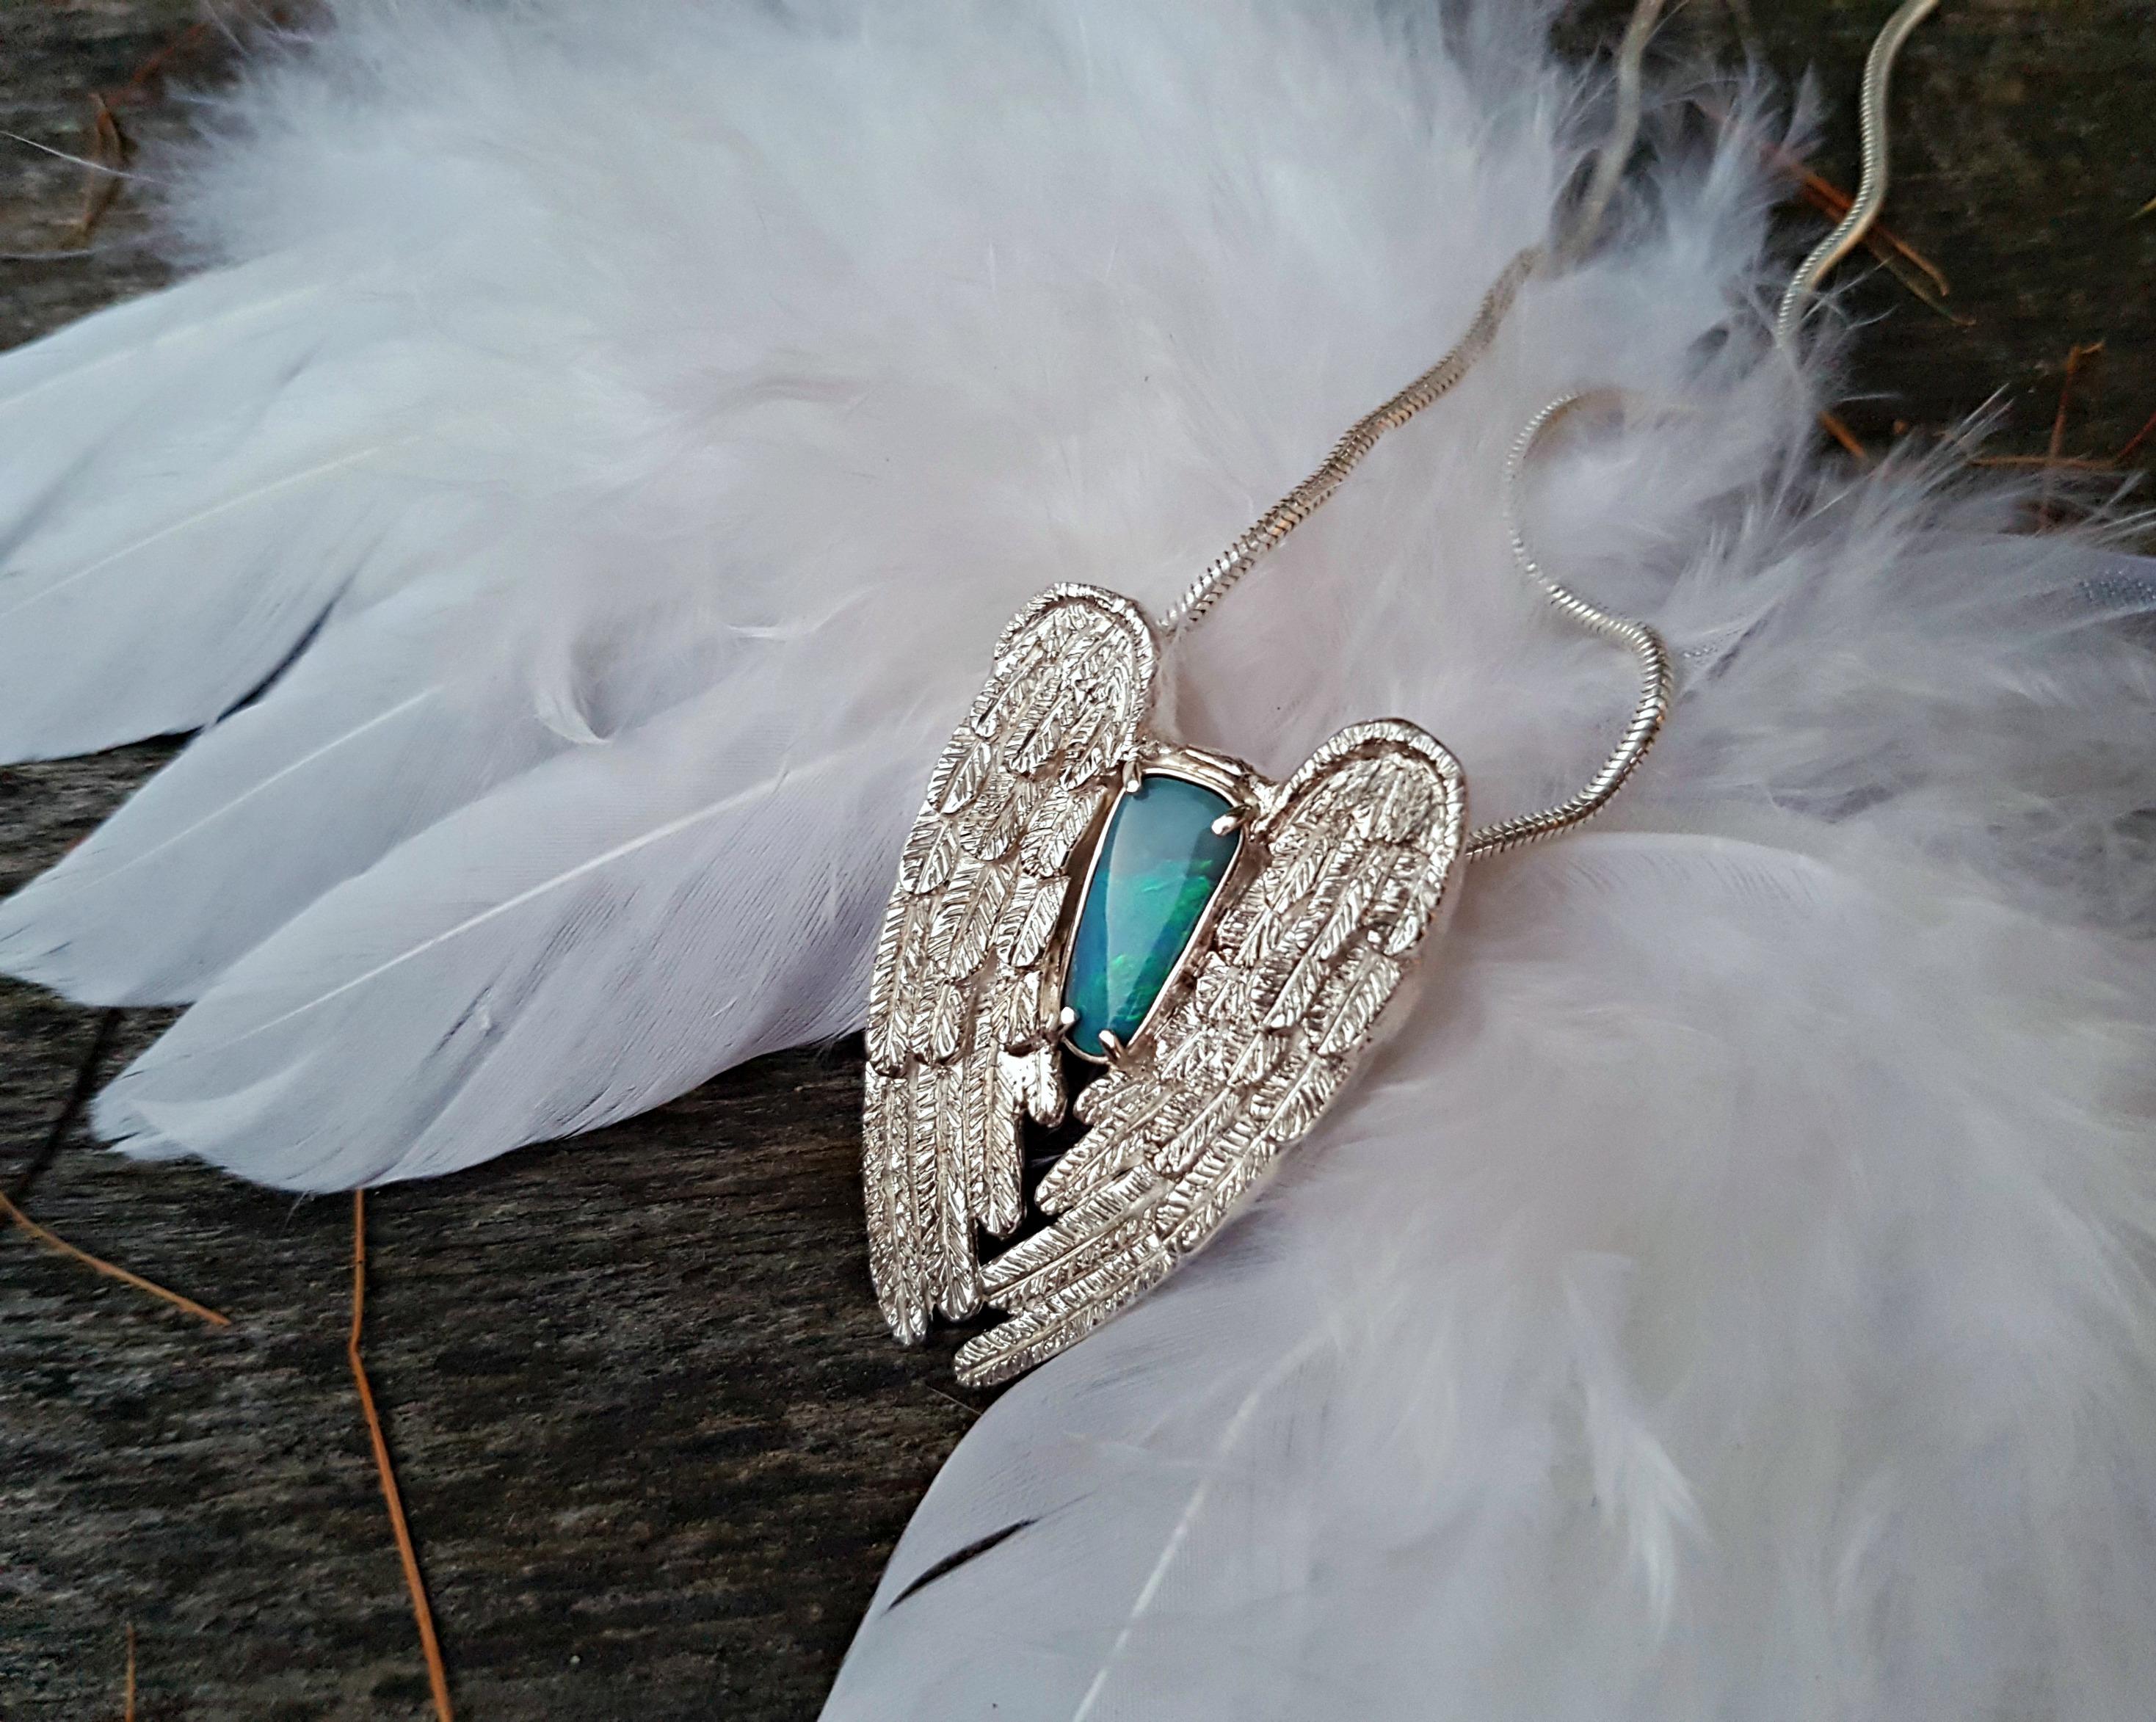 Carrousel-bien-etre-plume-pendentif-ange-opale